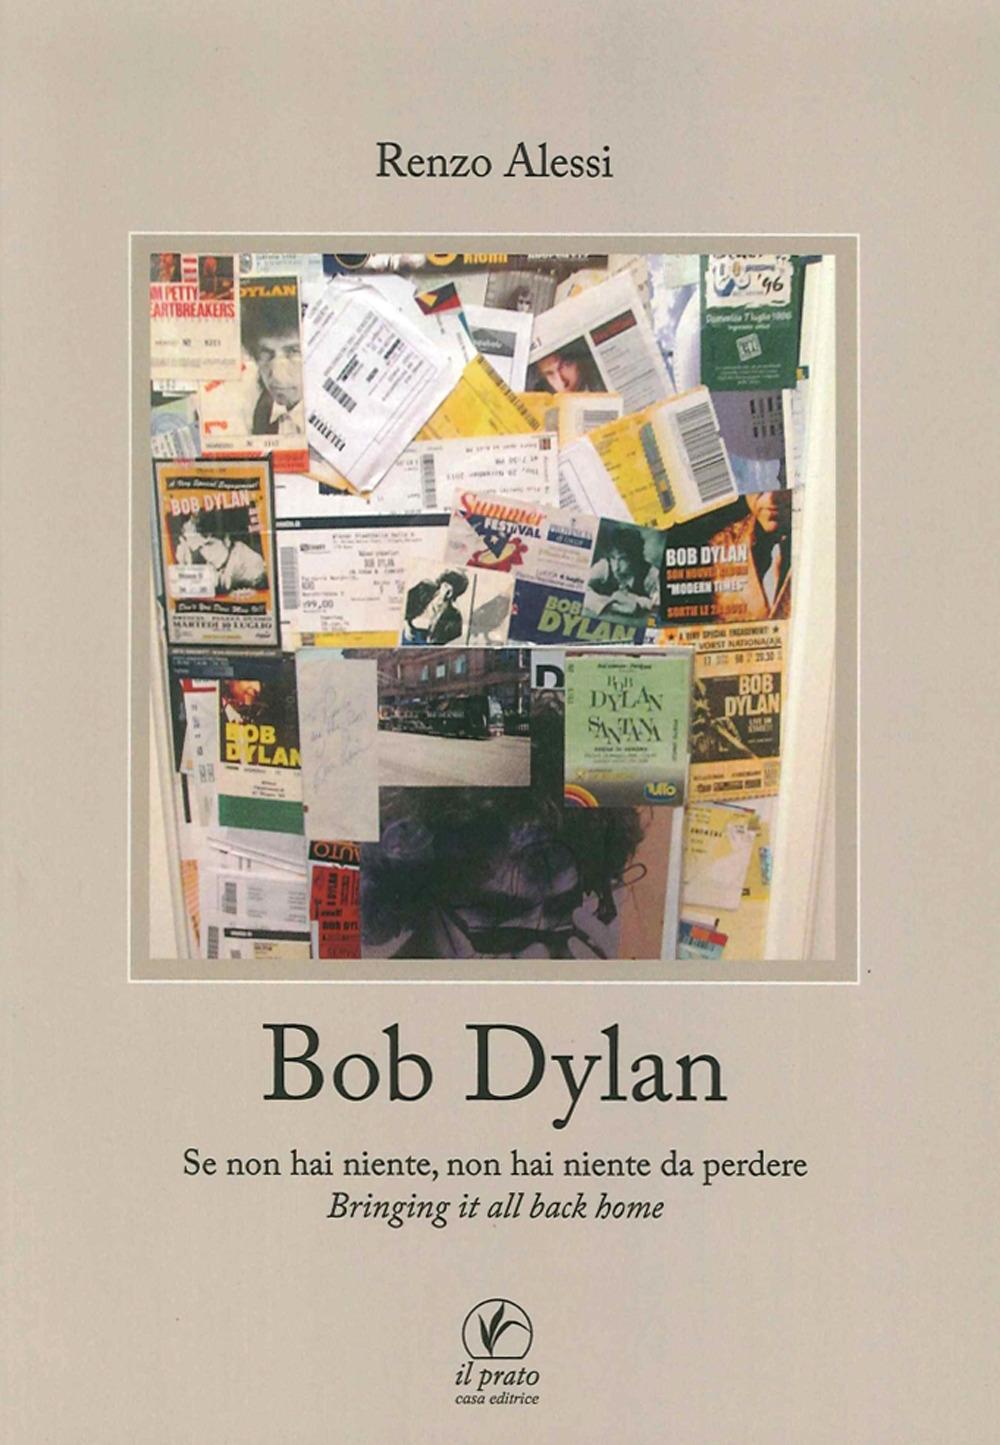 Bob Dylan. Se non Hai Niente non Hai Niente Da Perdere. Bringing It all Home.